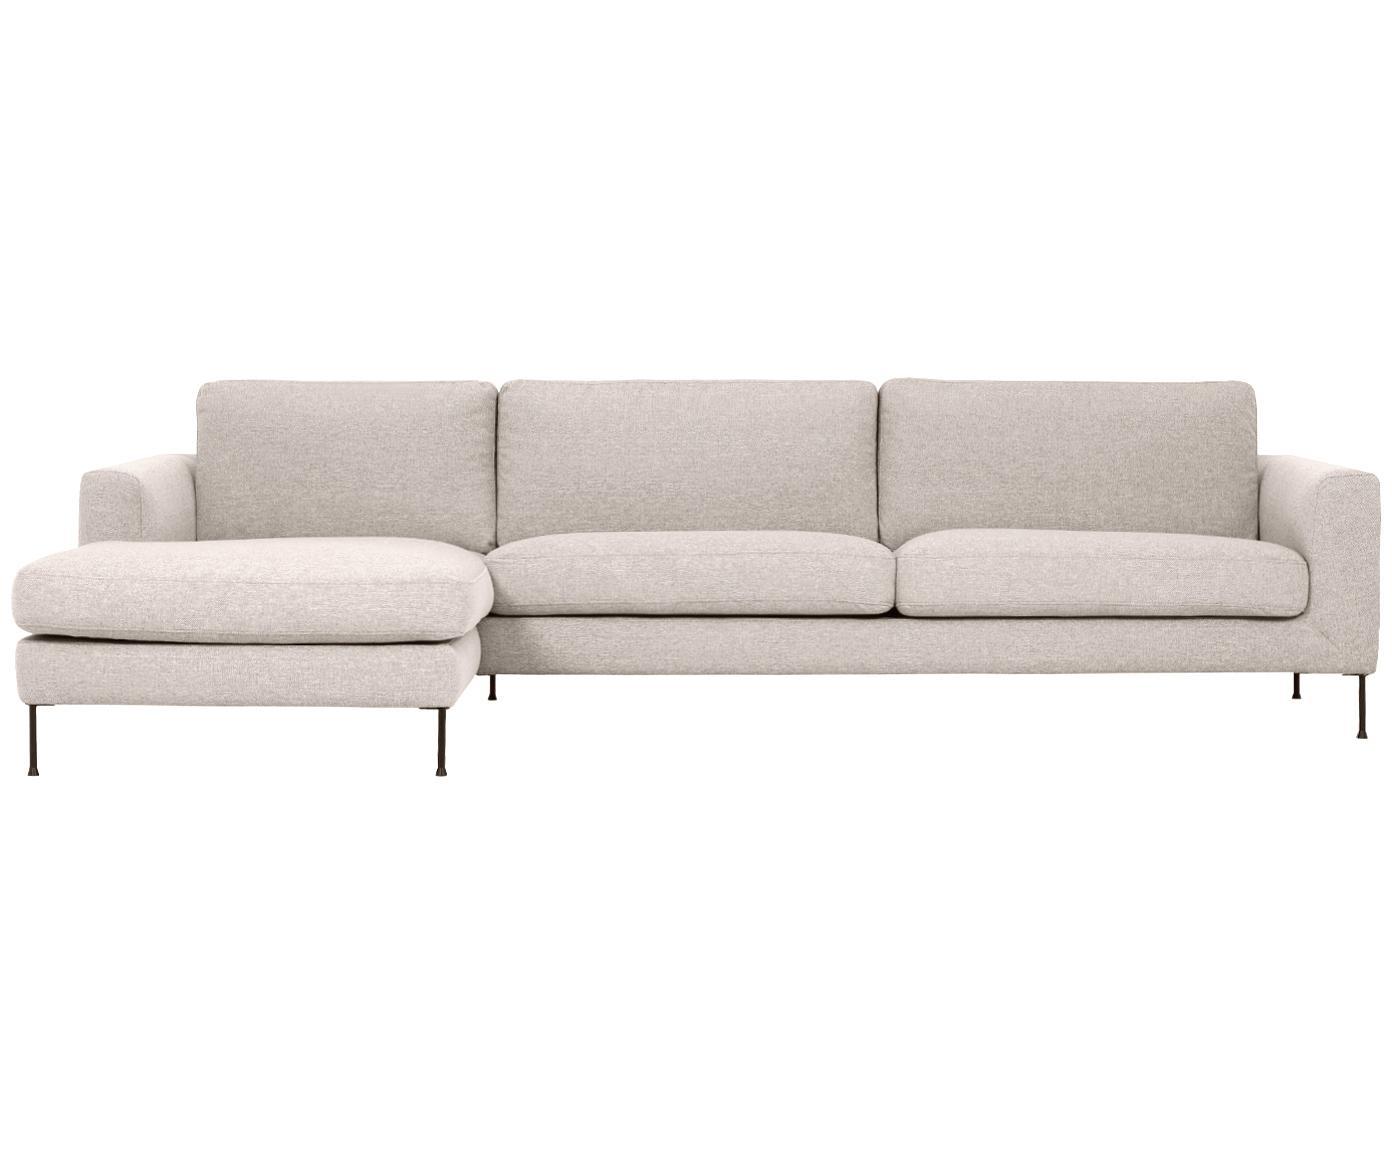 Sofa narożna Cucita (4-osobowa), Tapicerka: tkanina (poliester) Tkani, Stelaż: lite drewno sosnowe, Nogi: metal malowany proszkowo, Beżowy, S 302 x G 163 cm